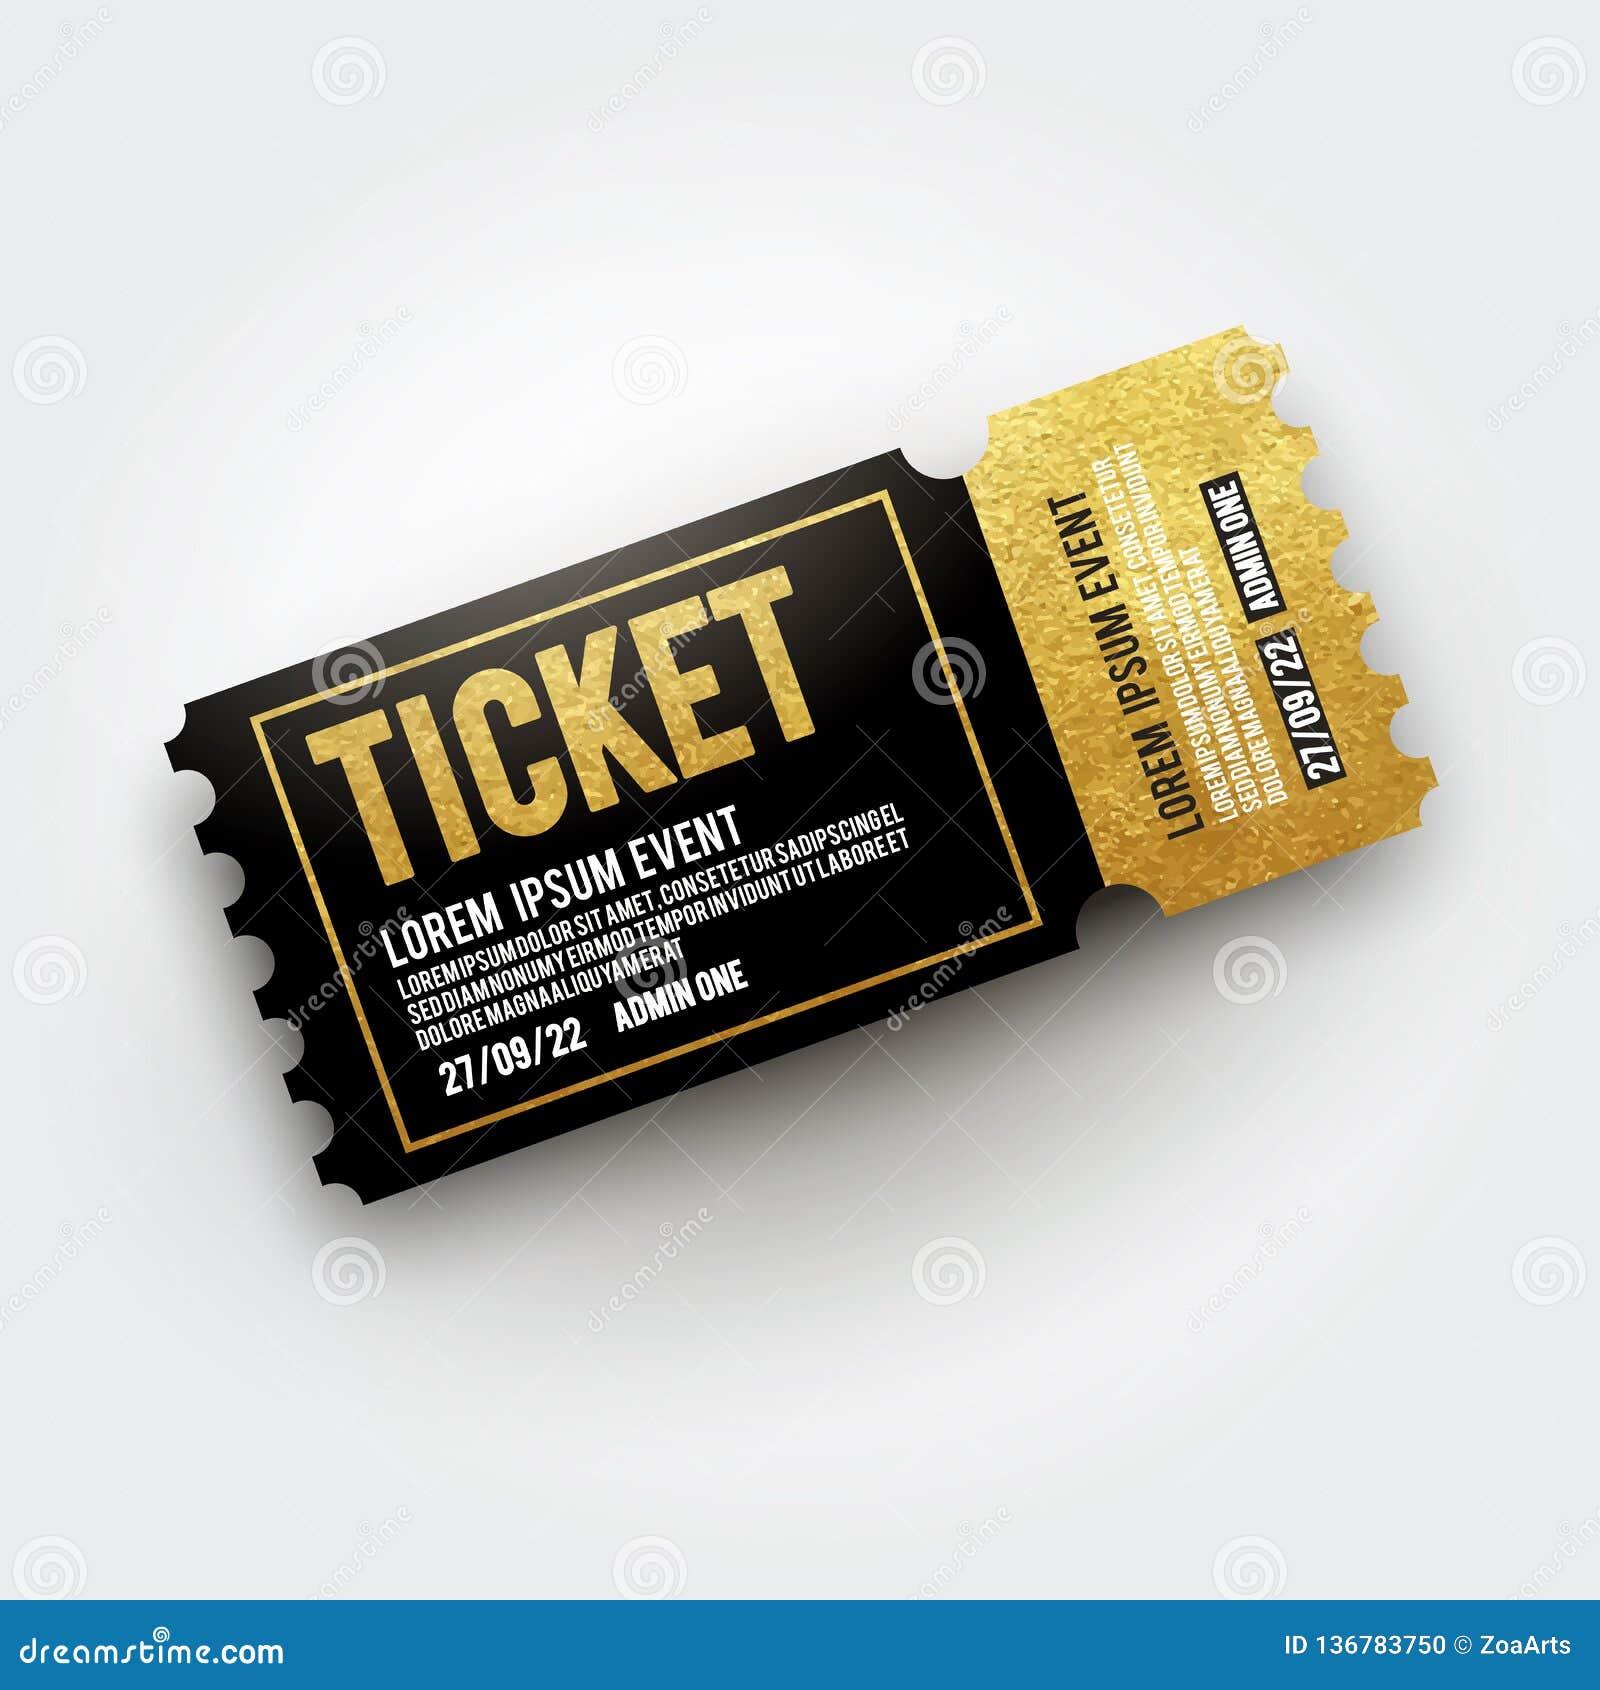 戏院的,剧院,音乐会,电影,表现,党,事件节日传染媒介票 现实黑色和金vip票templat